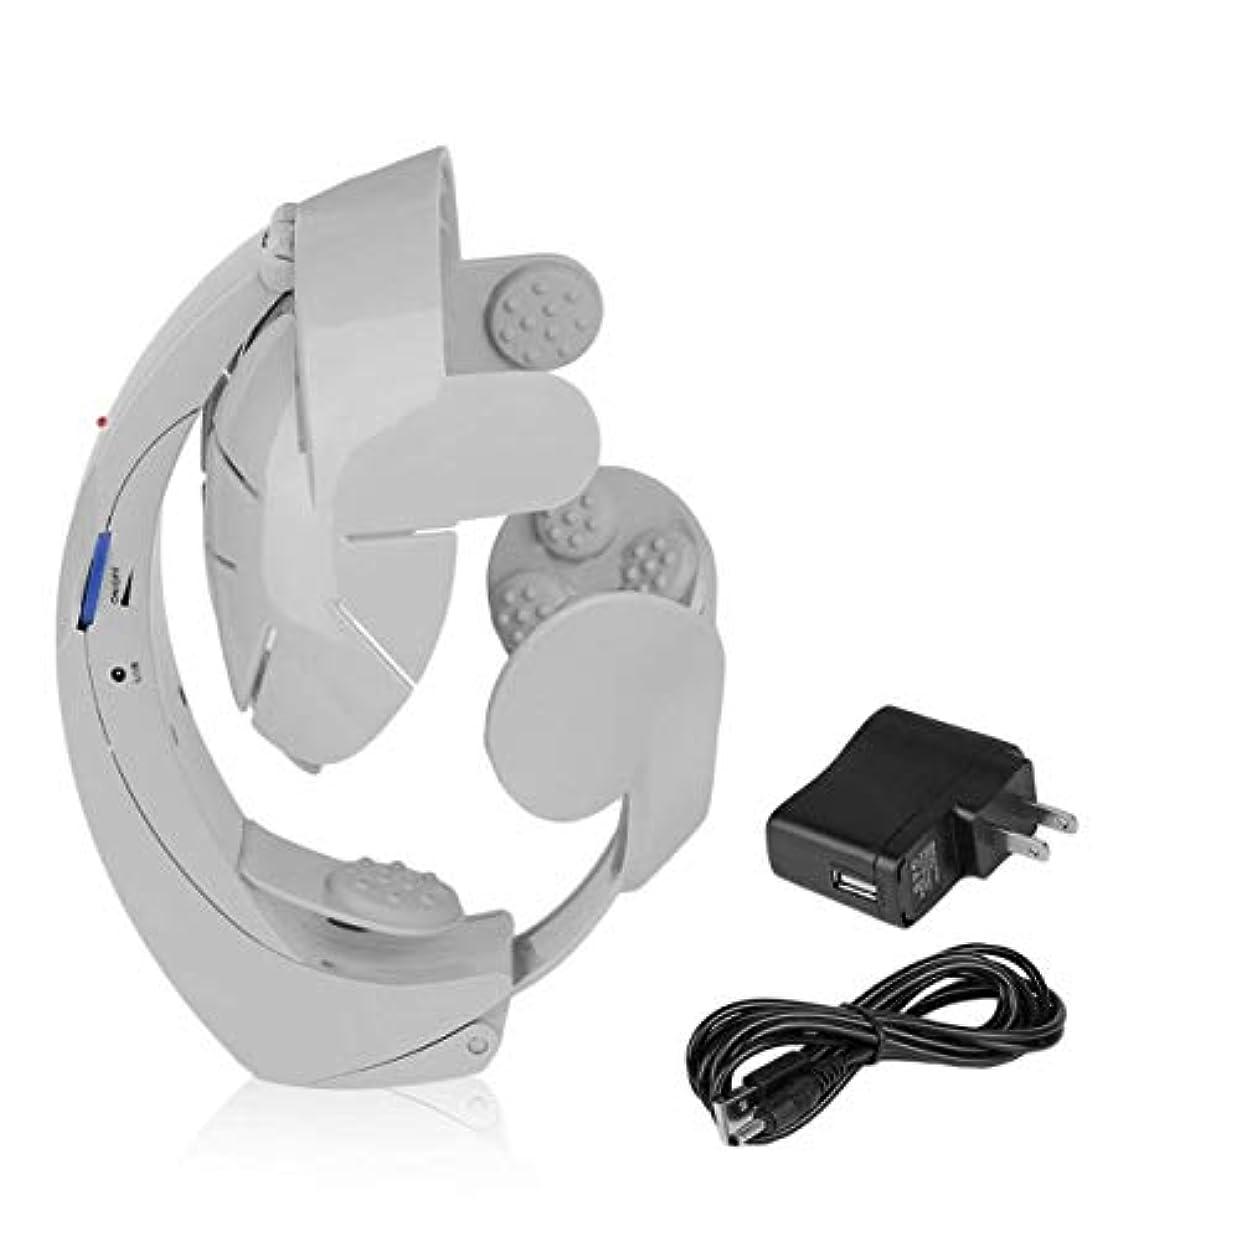 ヒューマノイドデザイン電動ヘッドマッサージ脳のマッサージリラックス簡単な鍼治療ファッションスタイルヘルスケアサプライ